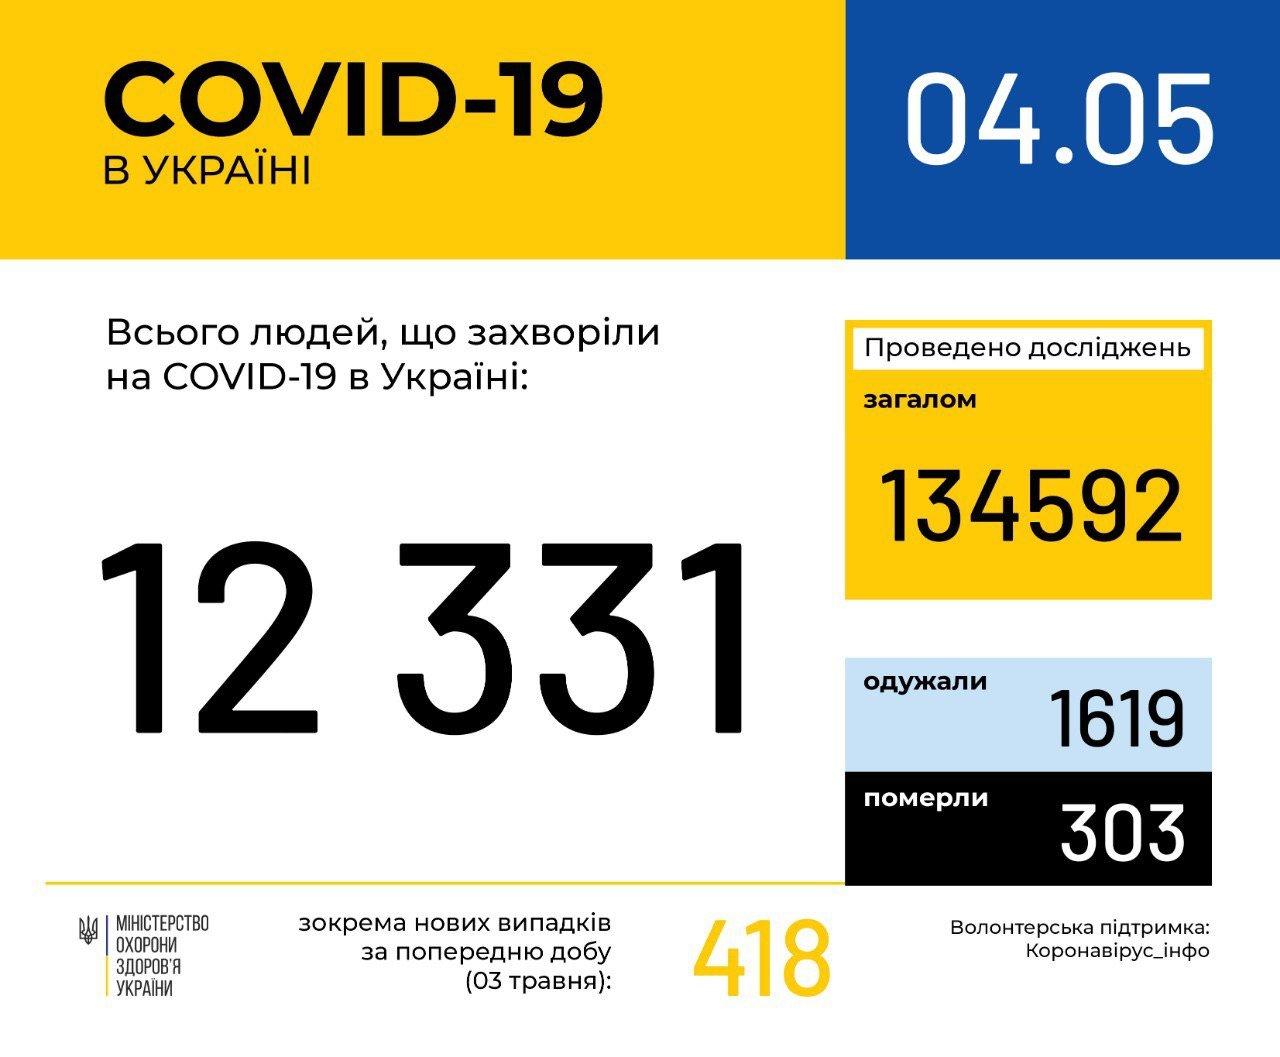 В Украине от коронавируса умерло свыше 300 человек: статистика по городам